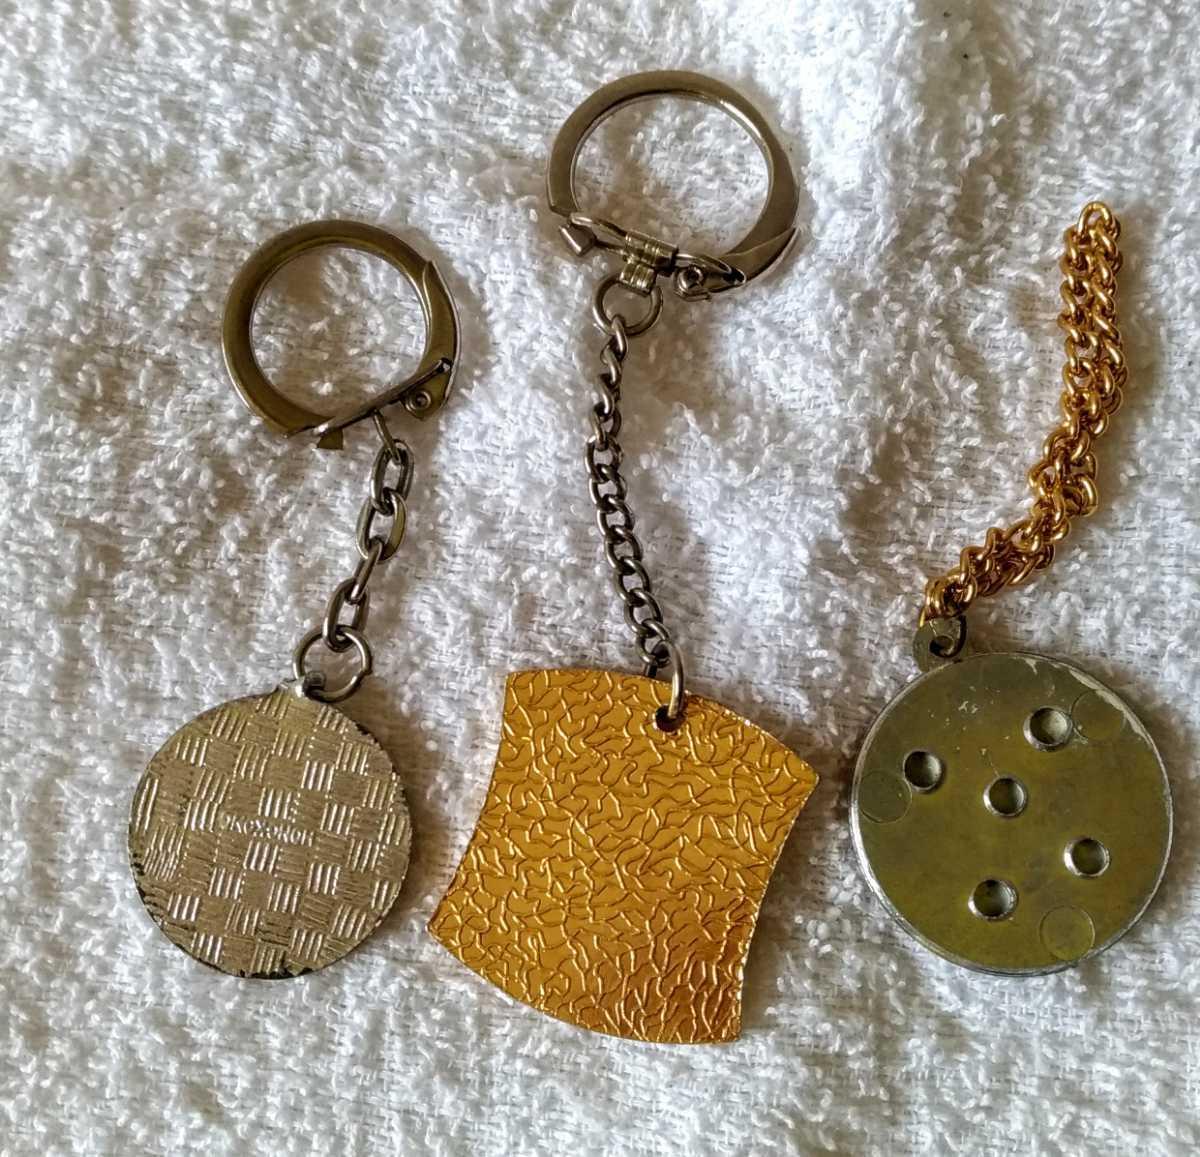 キーホルダー付き(一部除く)プラスチック製小物昭和に集めた3個自宅保管中古品